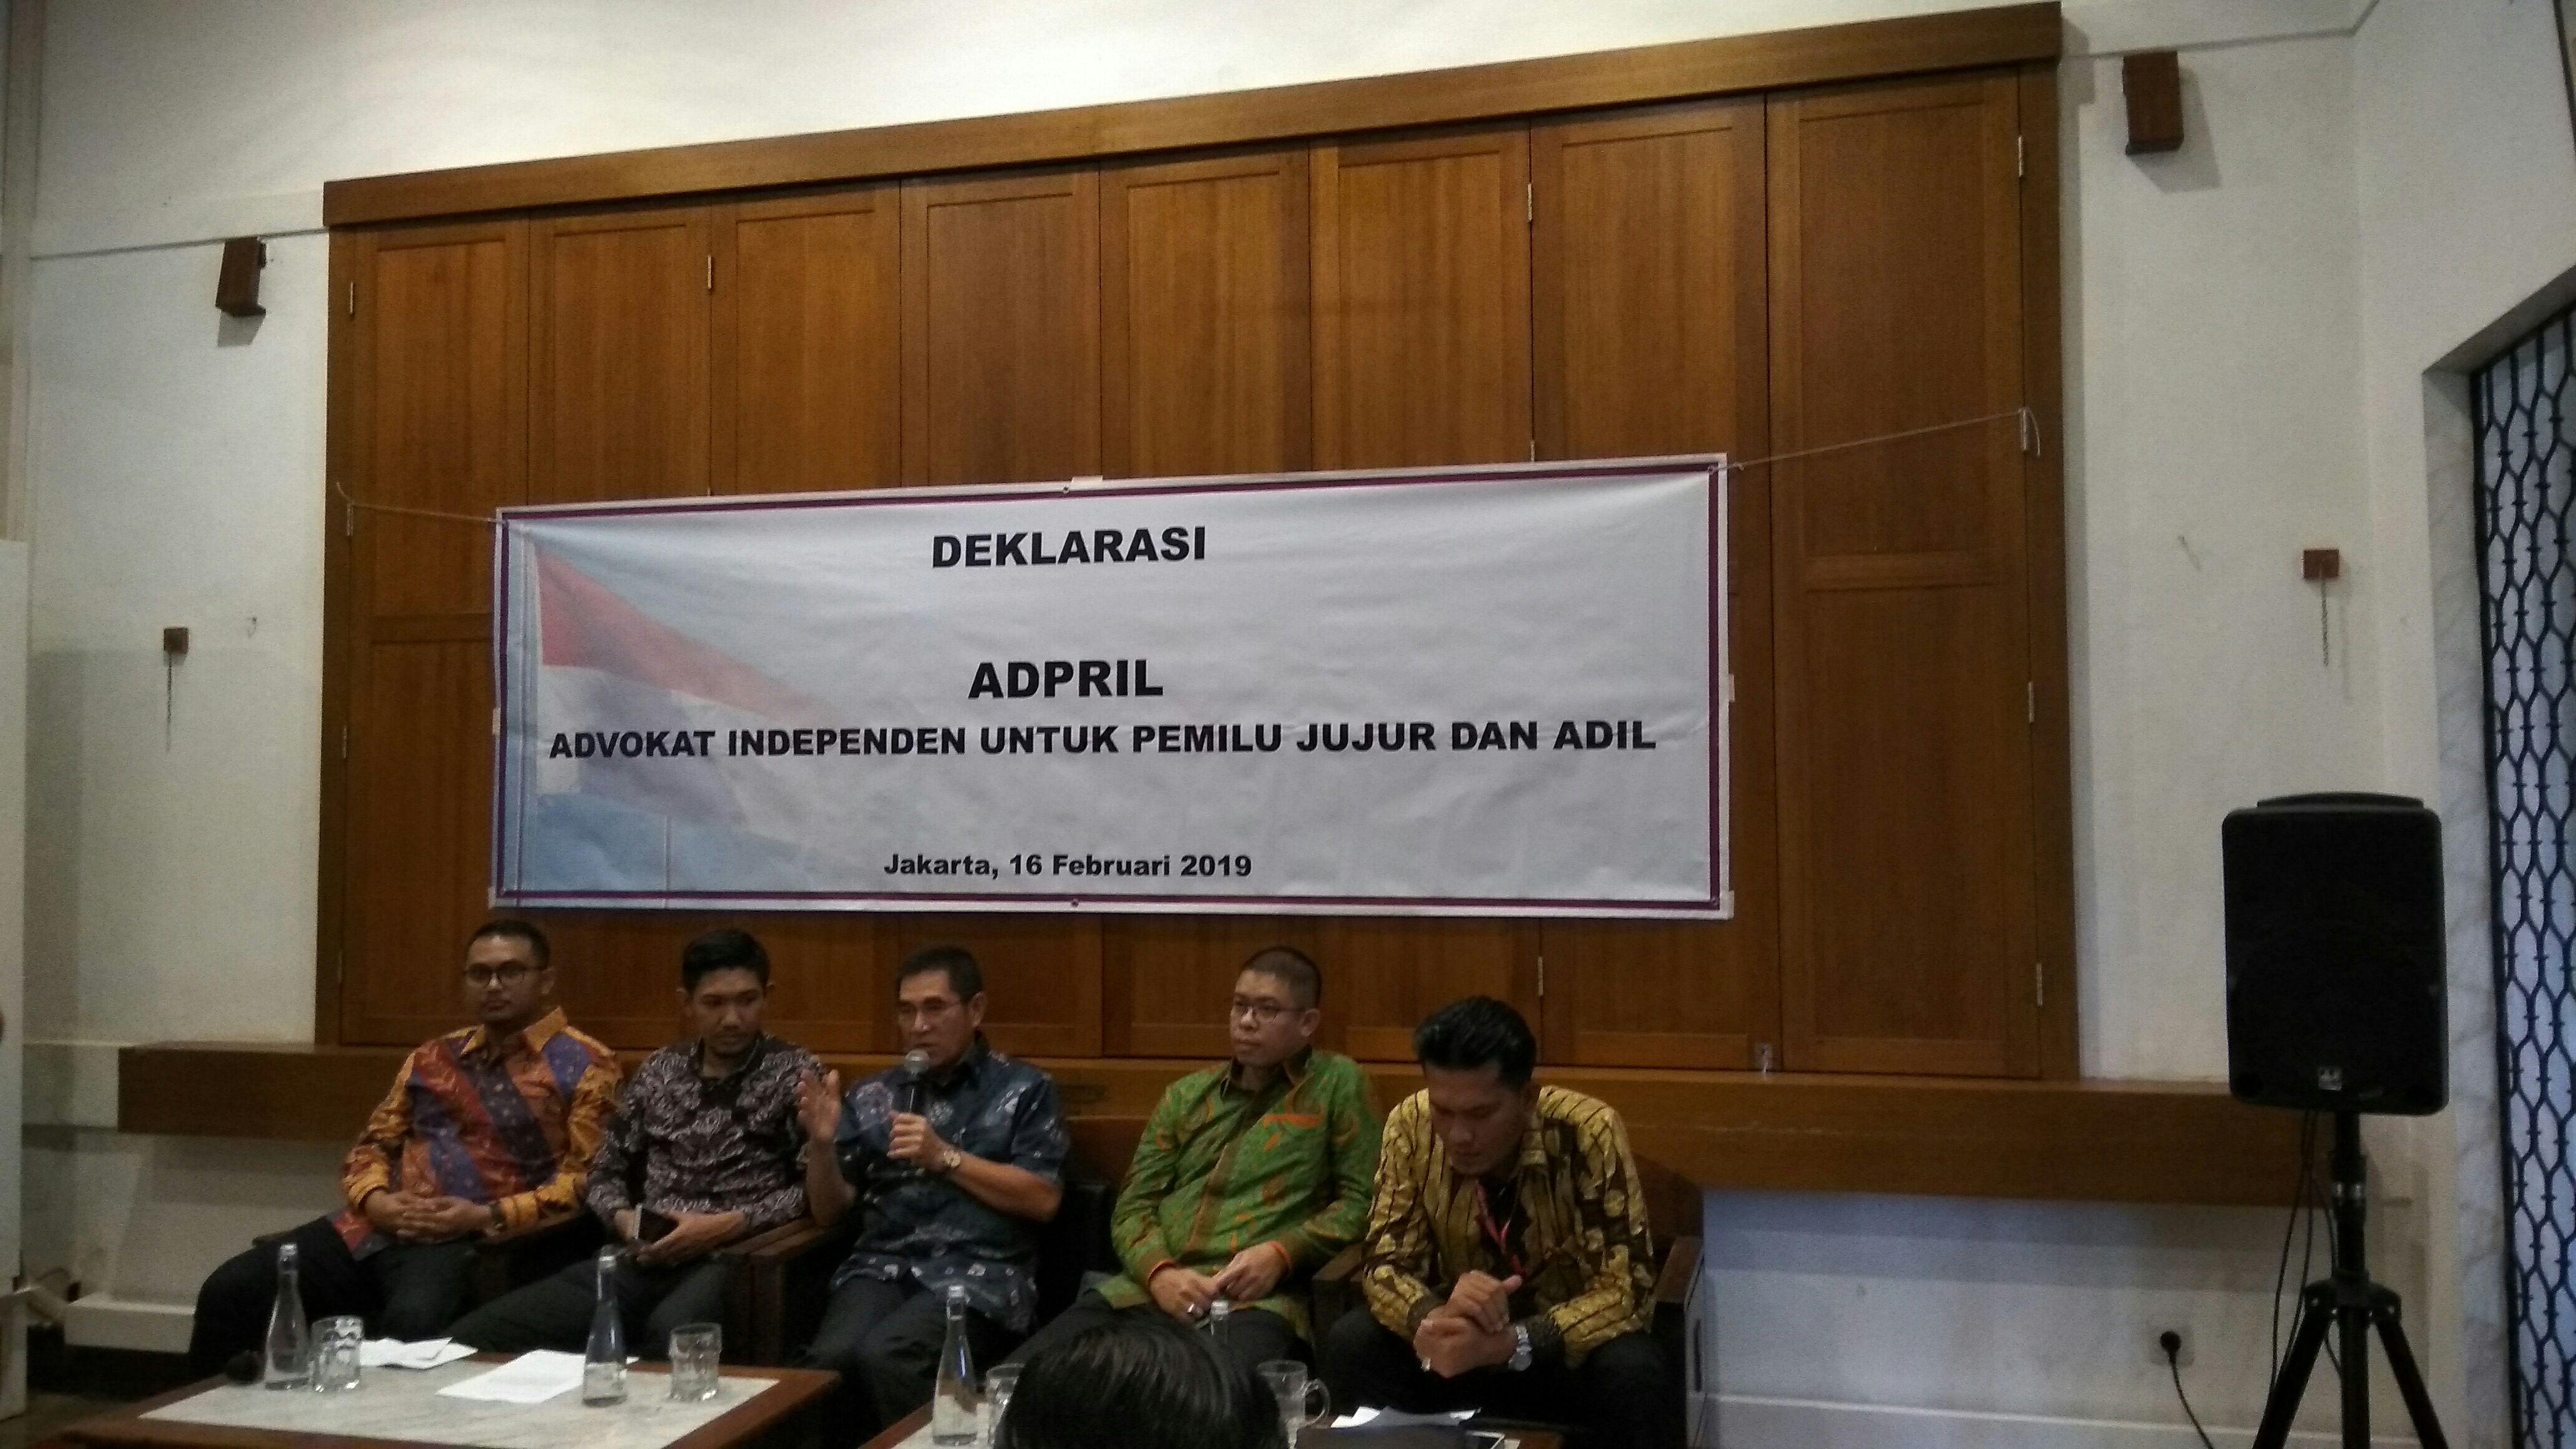 Hamdan Zoelva bersama sejumlah Advokat Deklarasikan ADPRIL di Jakarta, Sabtu (16/2)